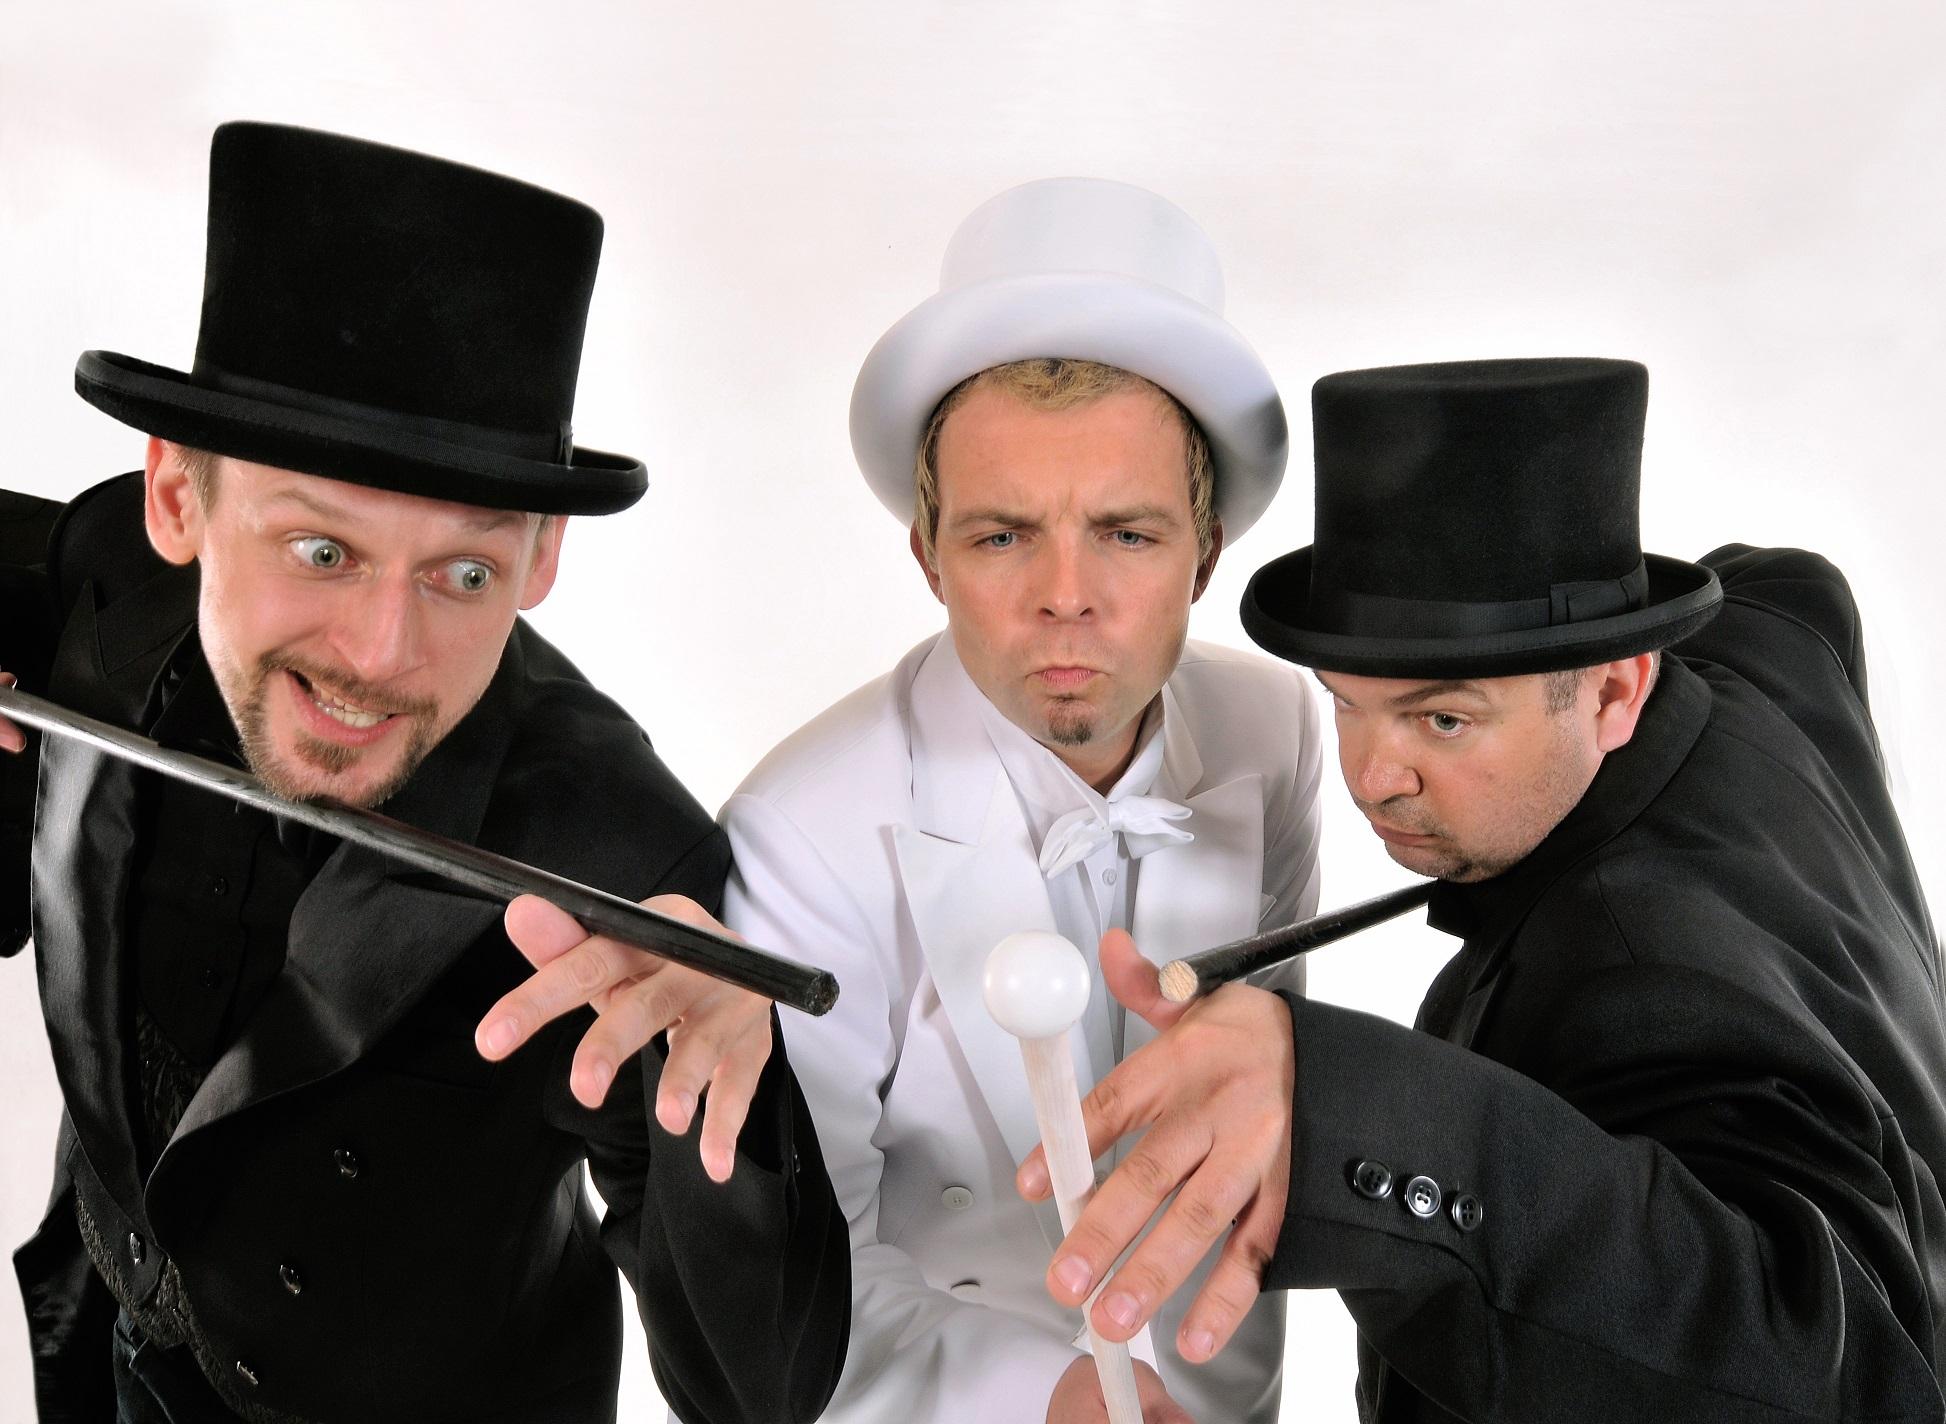 Kabaret Ani Mru Mru – jak się nie da, abardzo się chce… to można! w ITVN już 28 marca